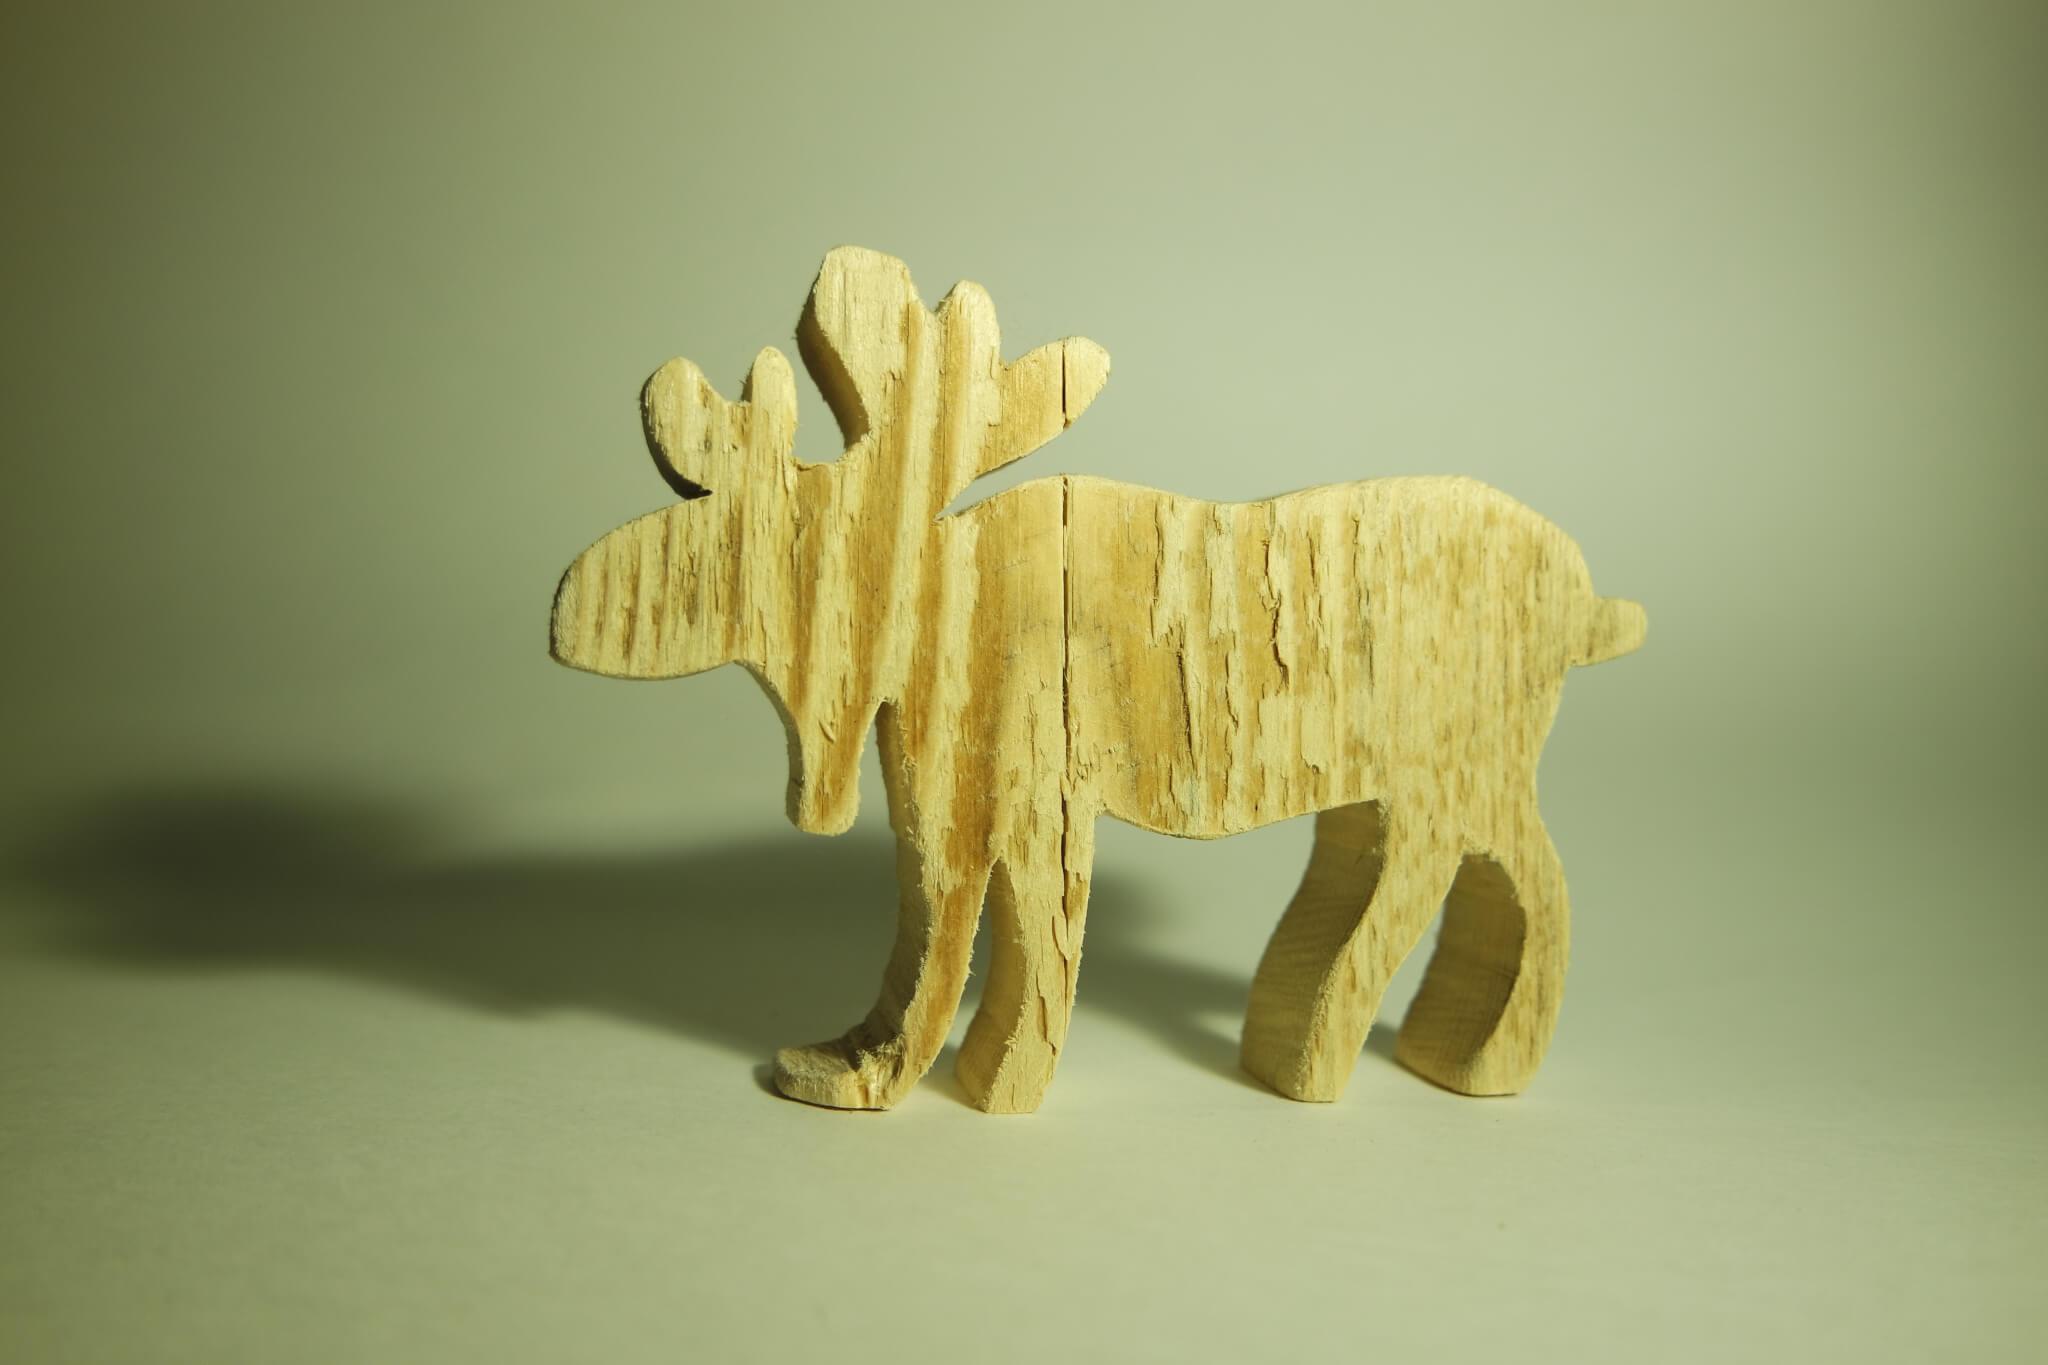 Selbst ausgesägter Elch aus einer Holzplatte